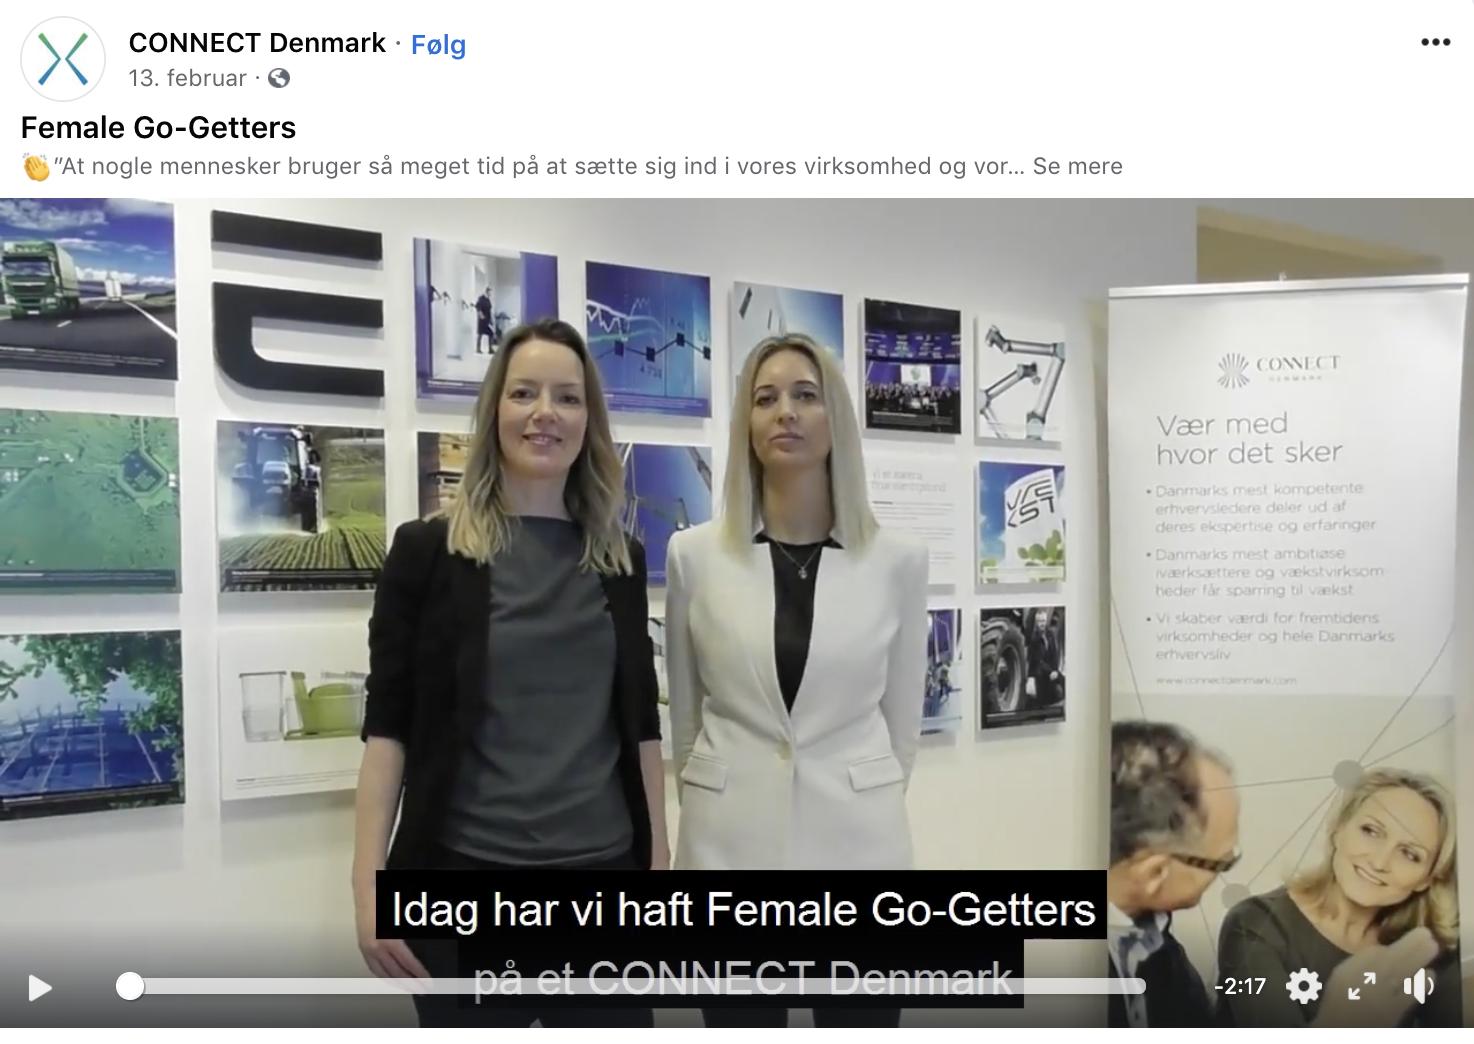 Female Go-Getters netværk for kvindelige iværksættere